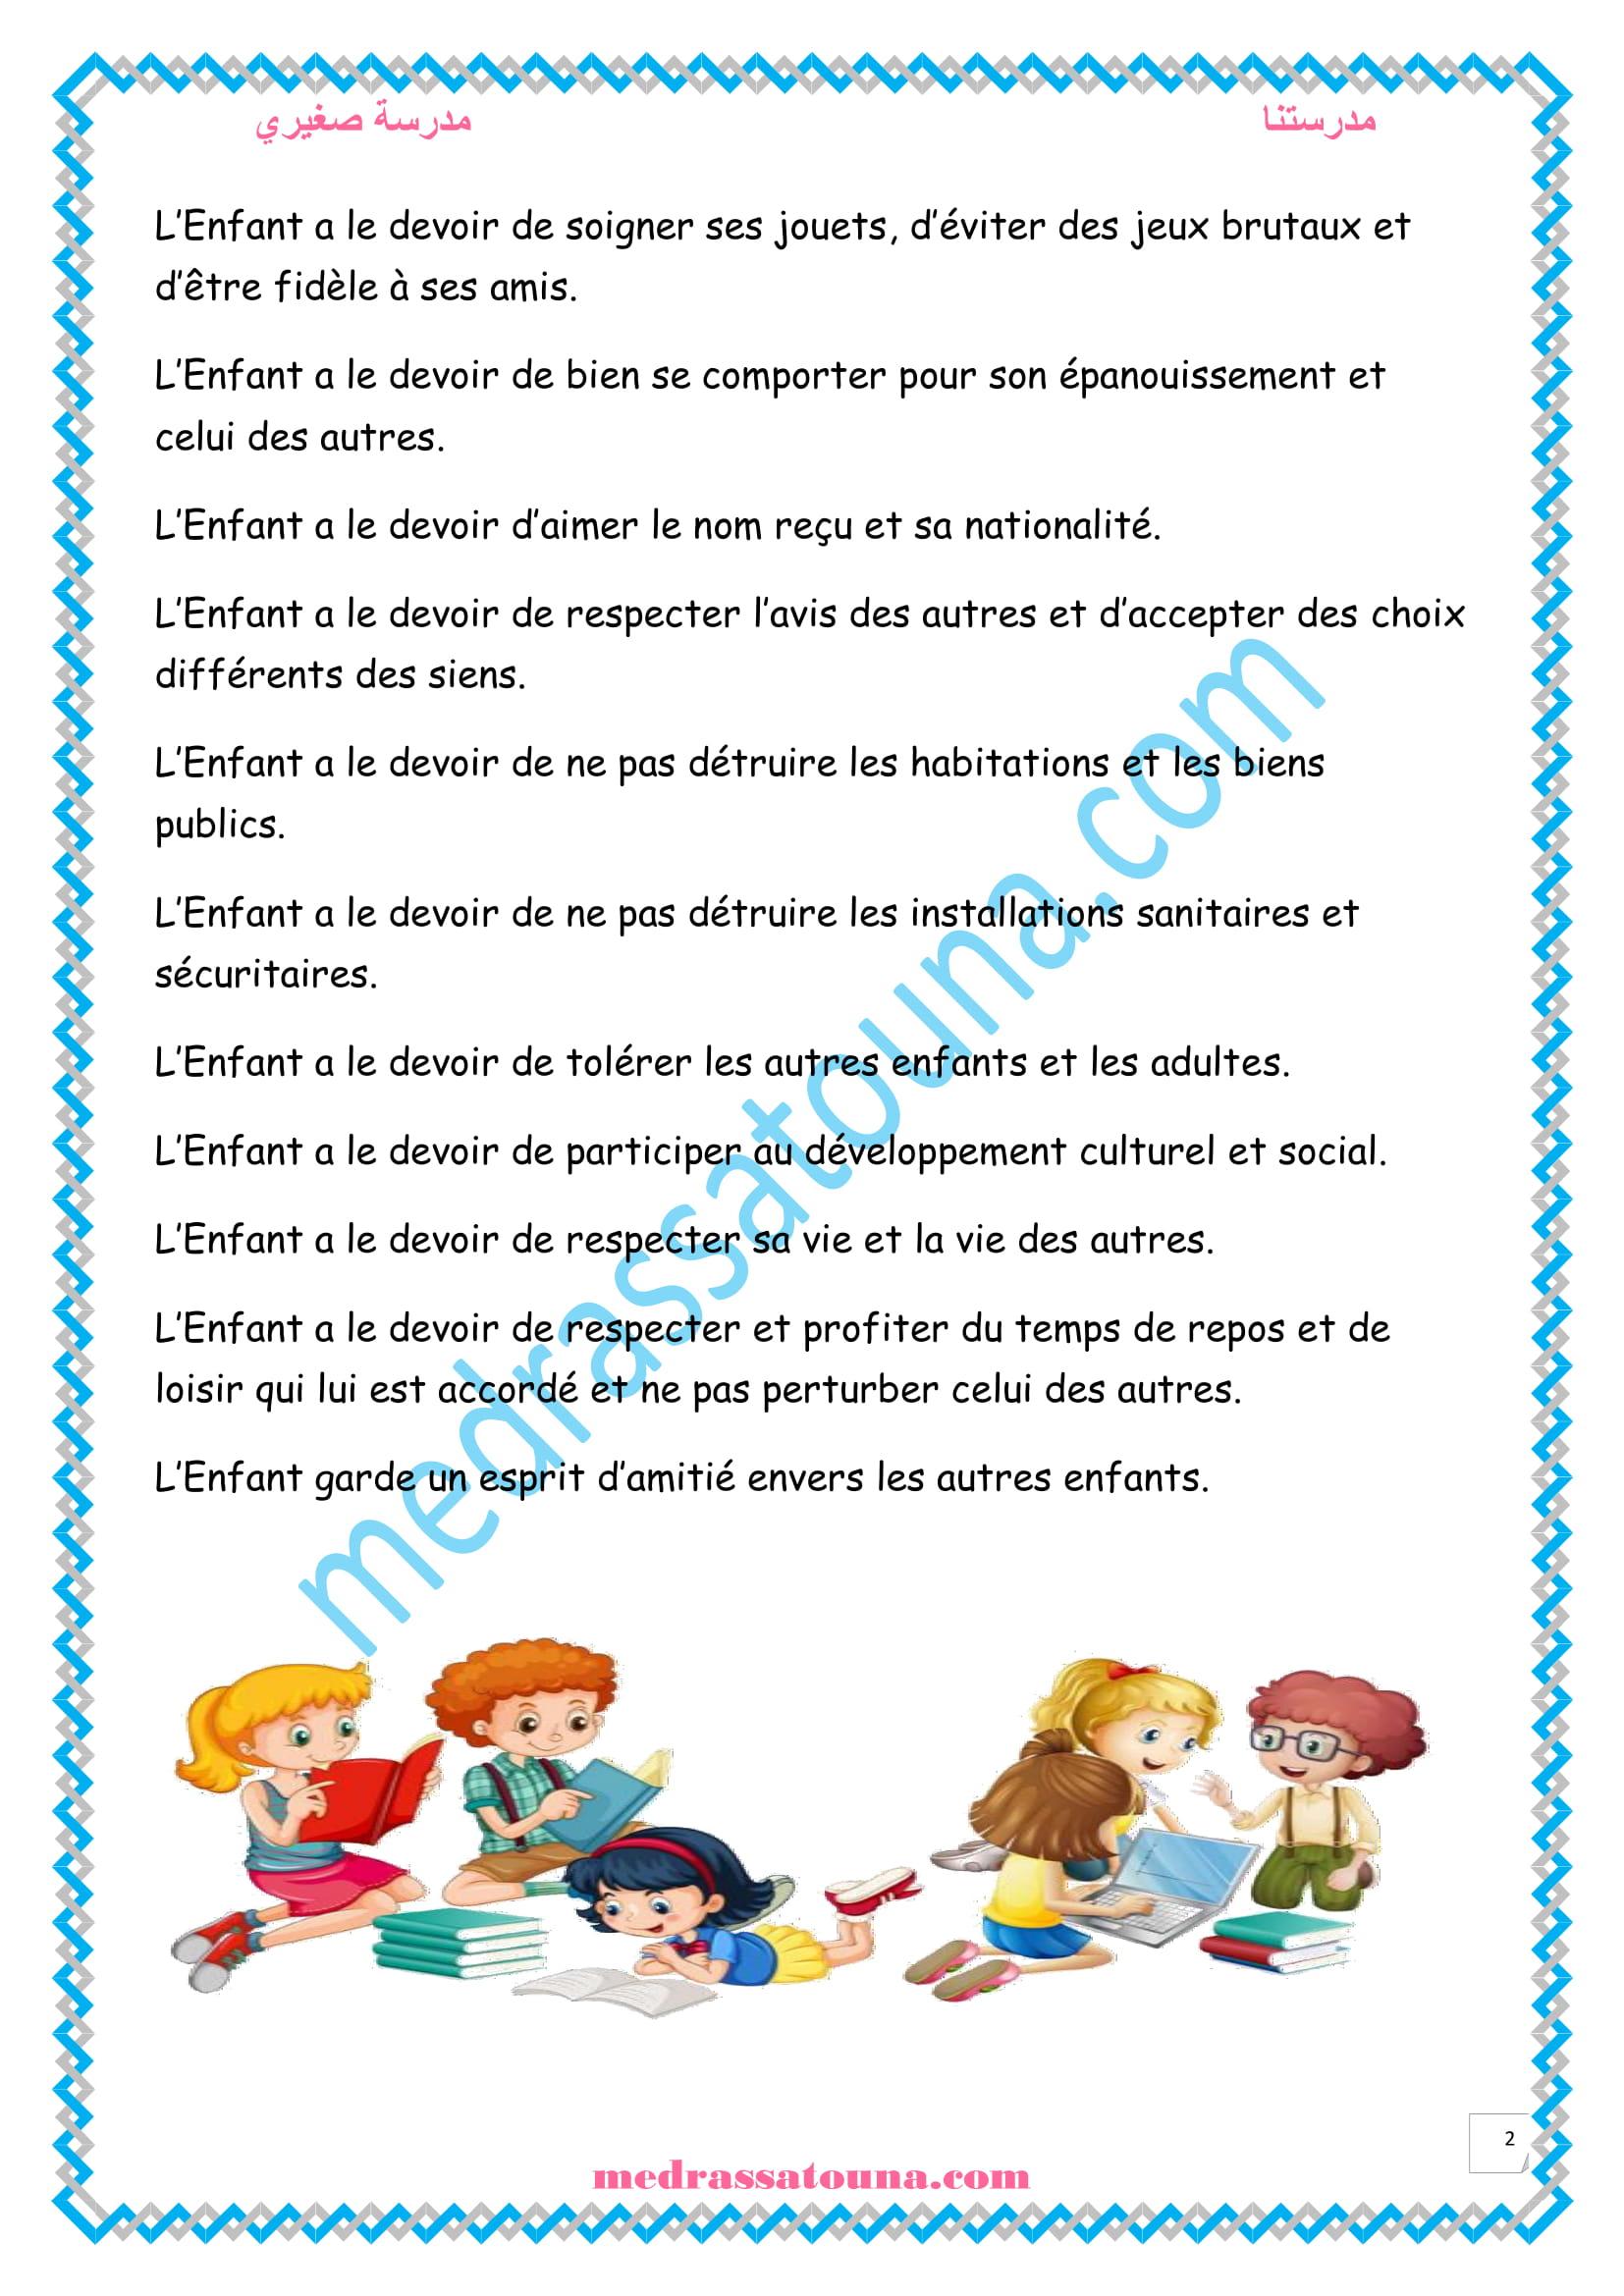 Droits Et Devoirs Des Enfants : droits, devoirs, enfants, Devoirs, L'enfant, مدرستنا